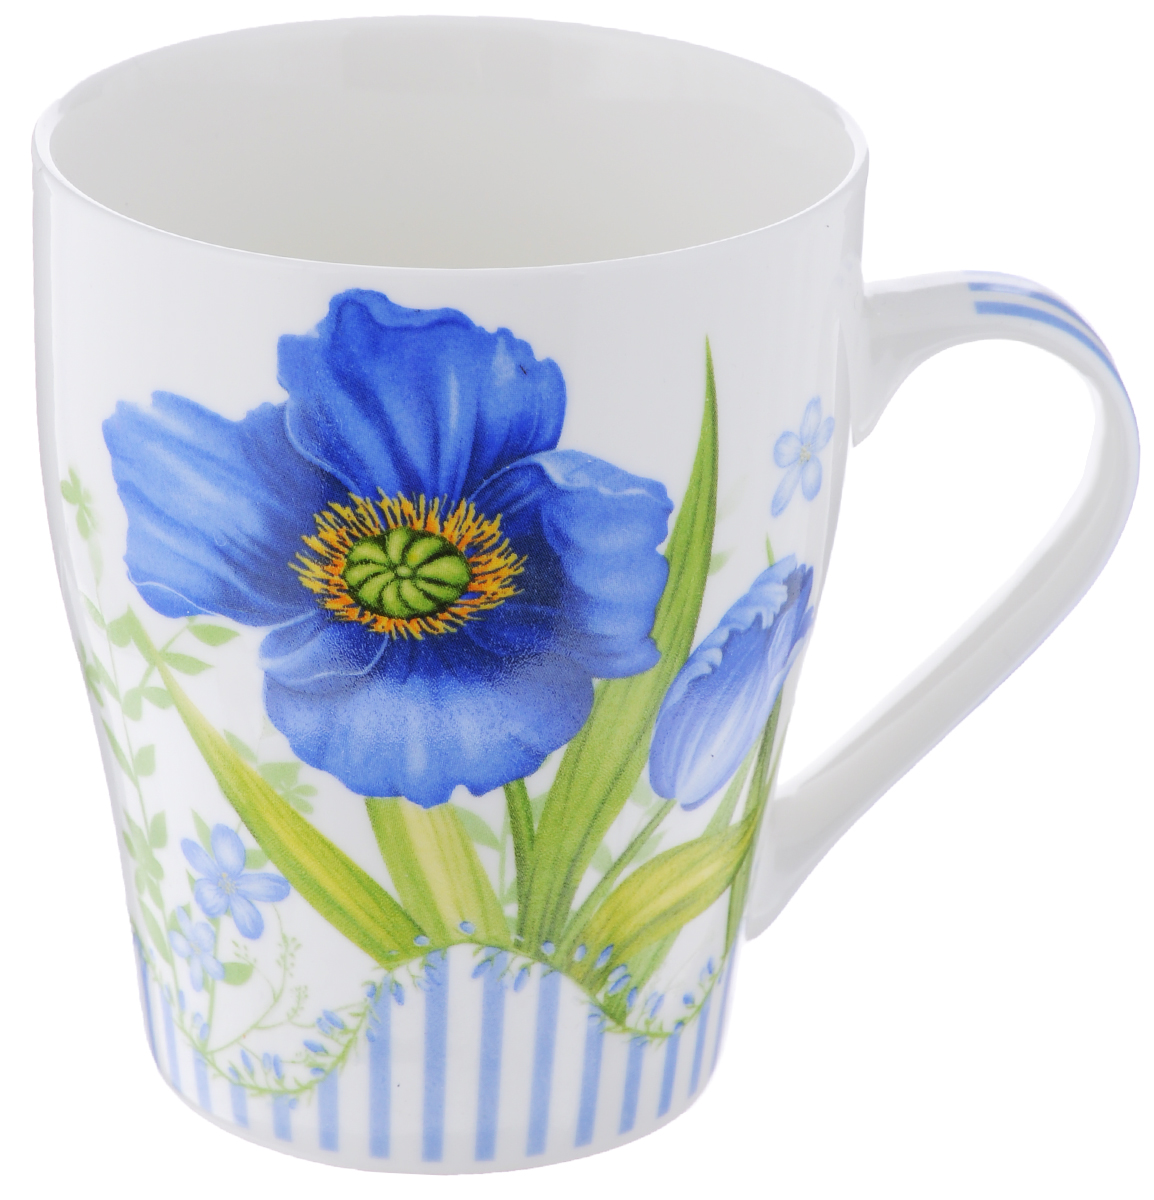 Кружка Loraine Цветок, цвет: белый, синий, 340 мл54 009312Кружка Loraine Цветок изготовлена из высококачественного фарфора. Изделие оформлено изображением цветов. Такая кружка станет приятным сувениром и обязательно порадует вас и ваших близких. Объем: 340 мл. Диаметр кружки (по верхнему краю): 8 см. Высота кружки: 10 см.